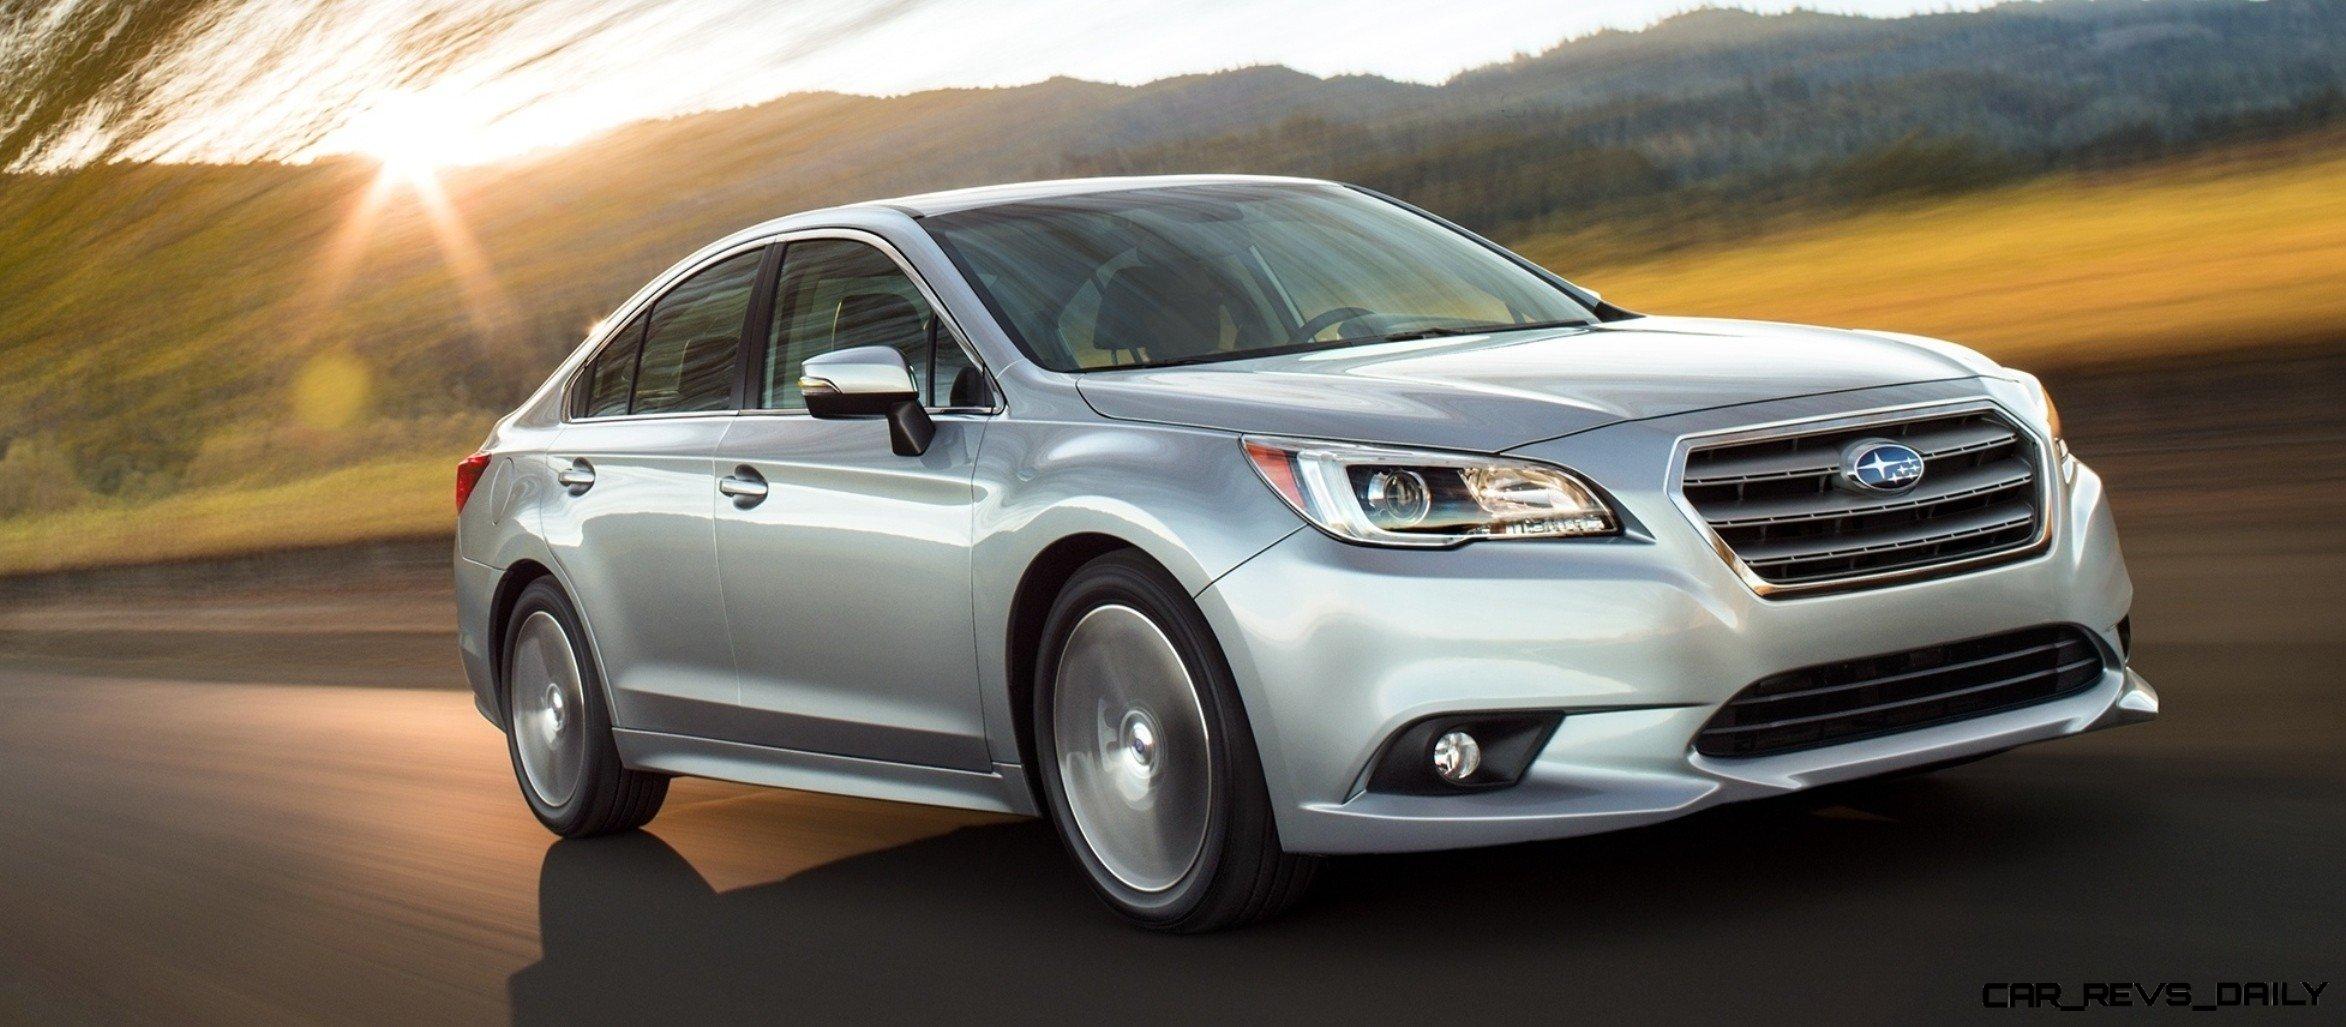 2015 subaru legacy 2.5i and 3.6r sedans -- much quieter -- far